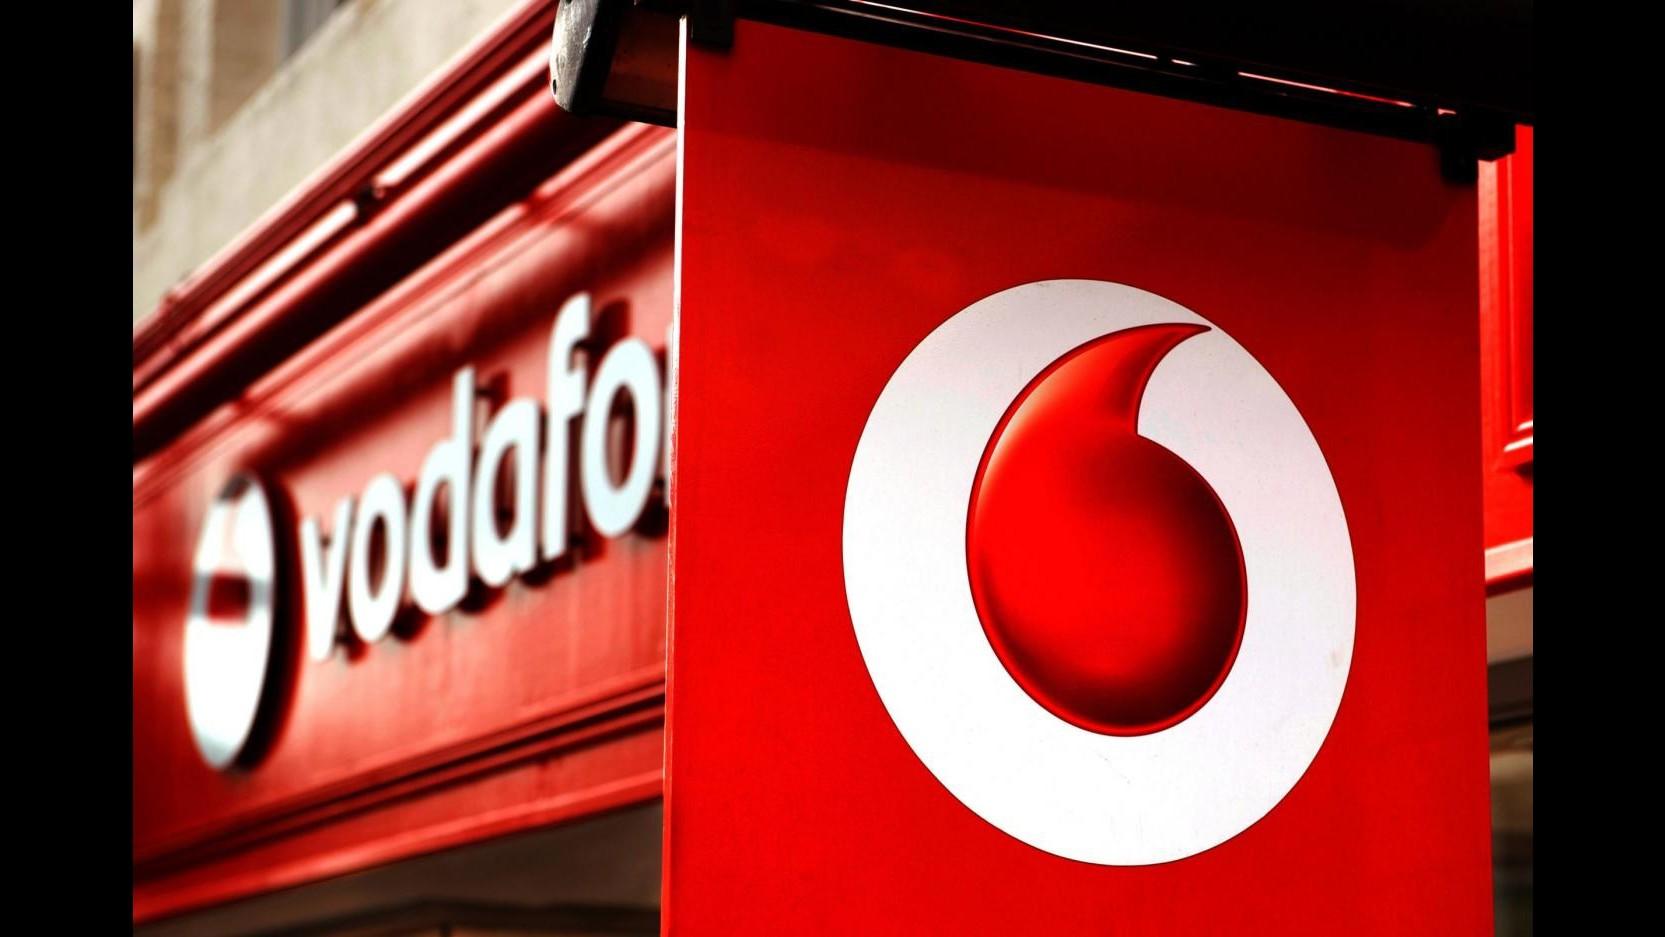 Vodafone: Trimestre chiuso con ricavi a +0.7%, in Italia -7.4%